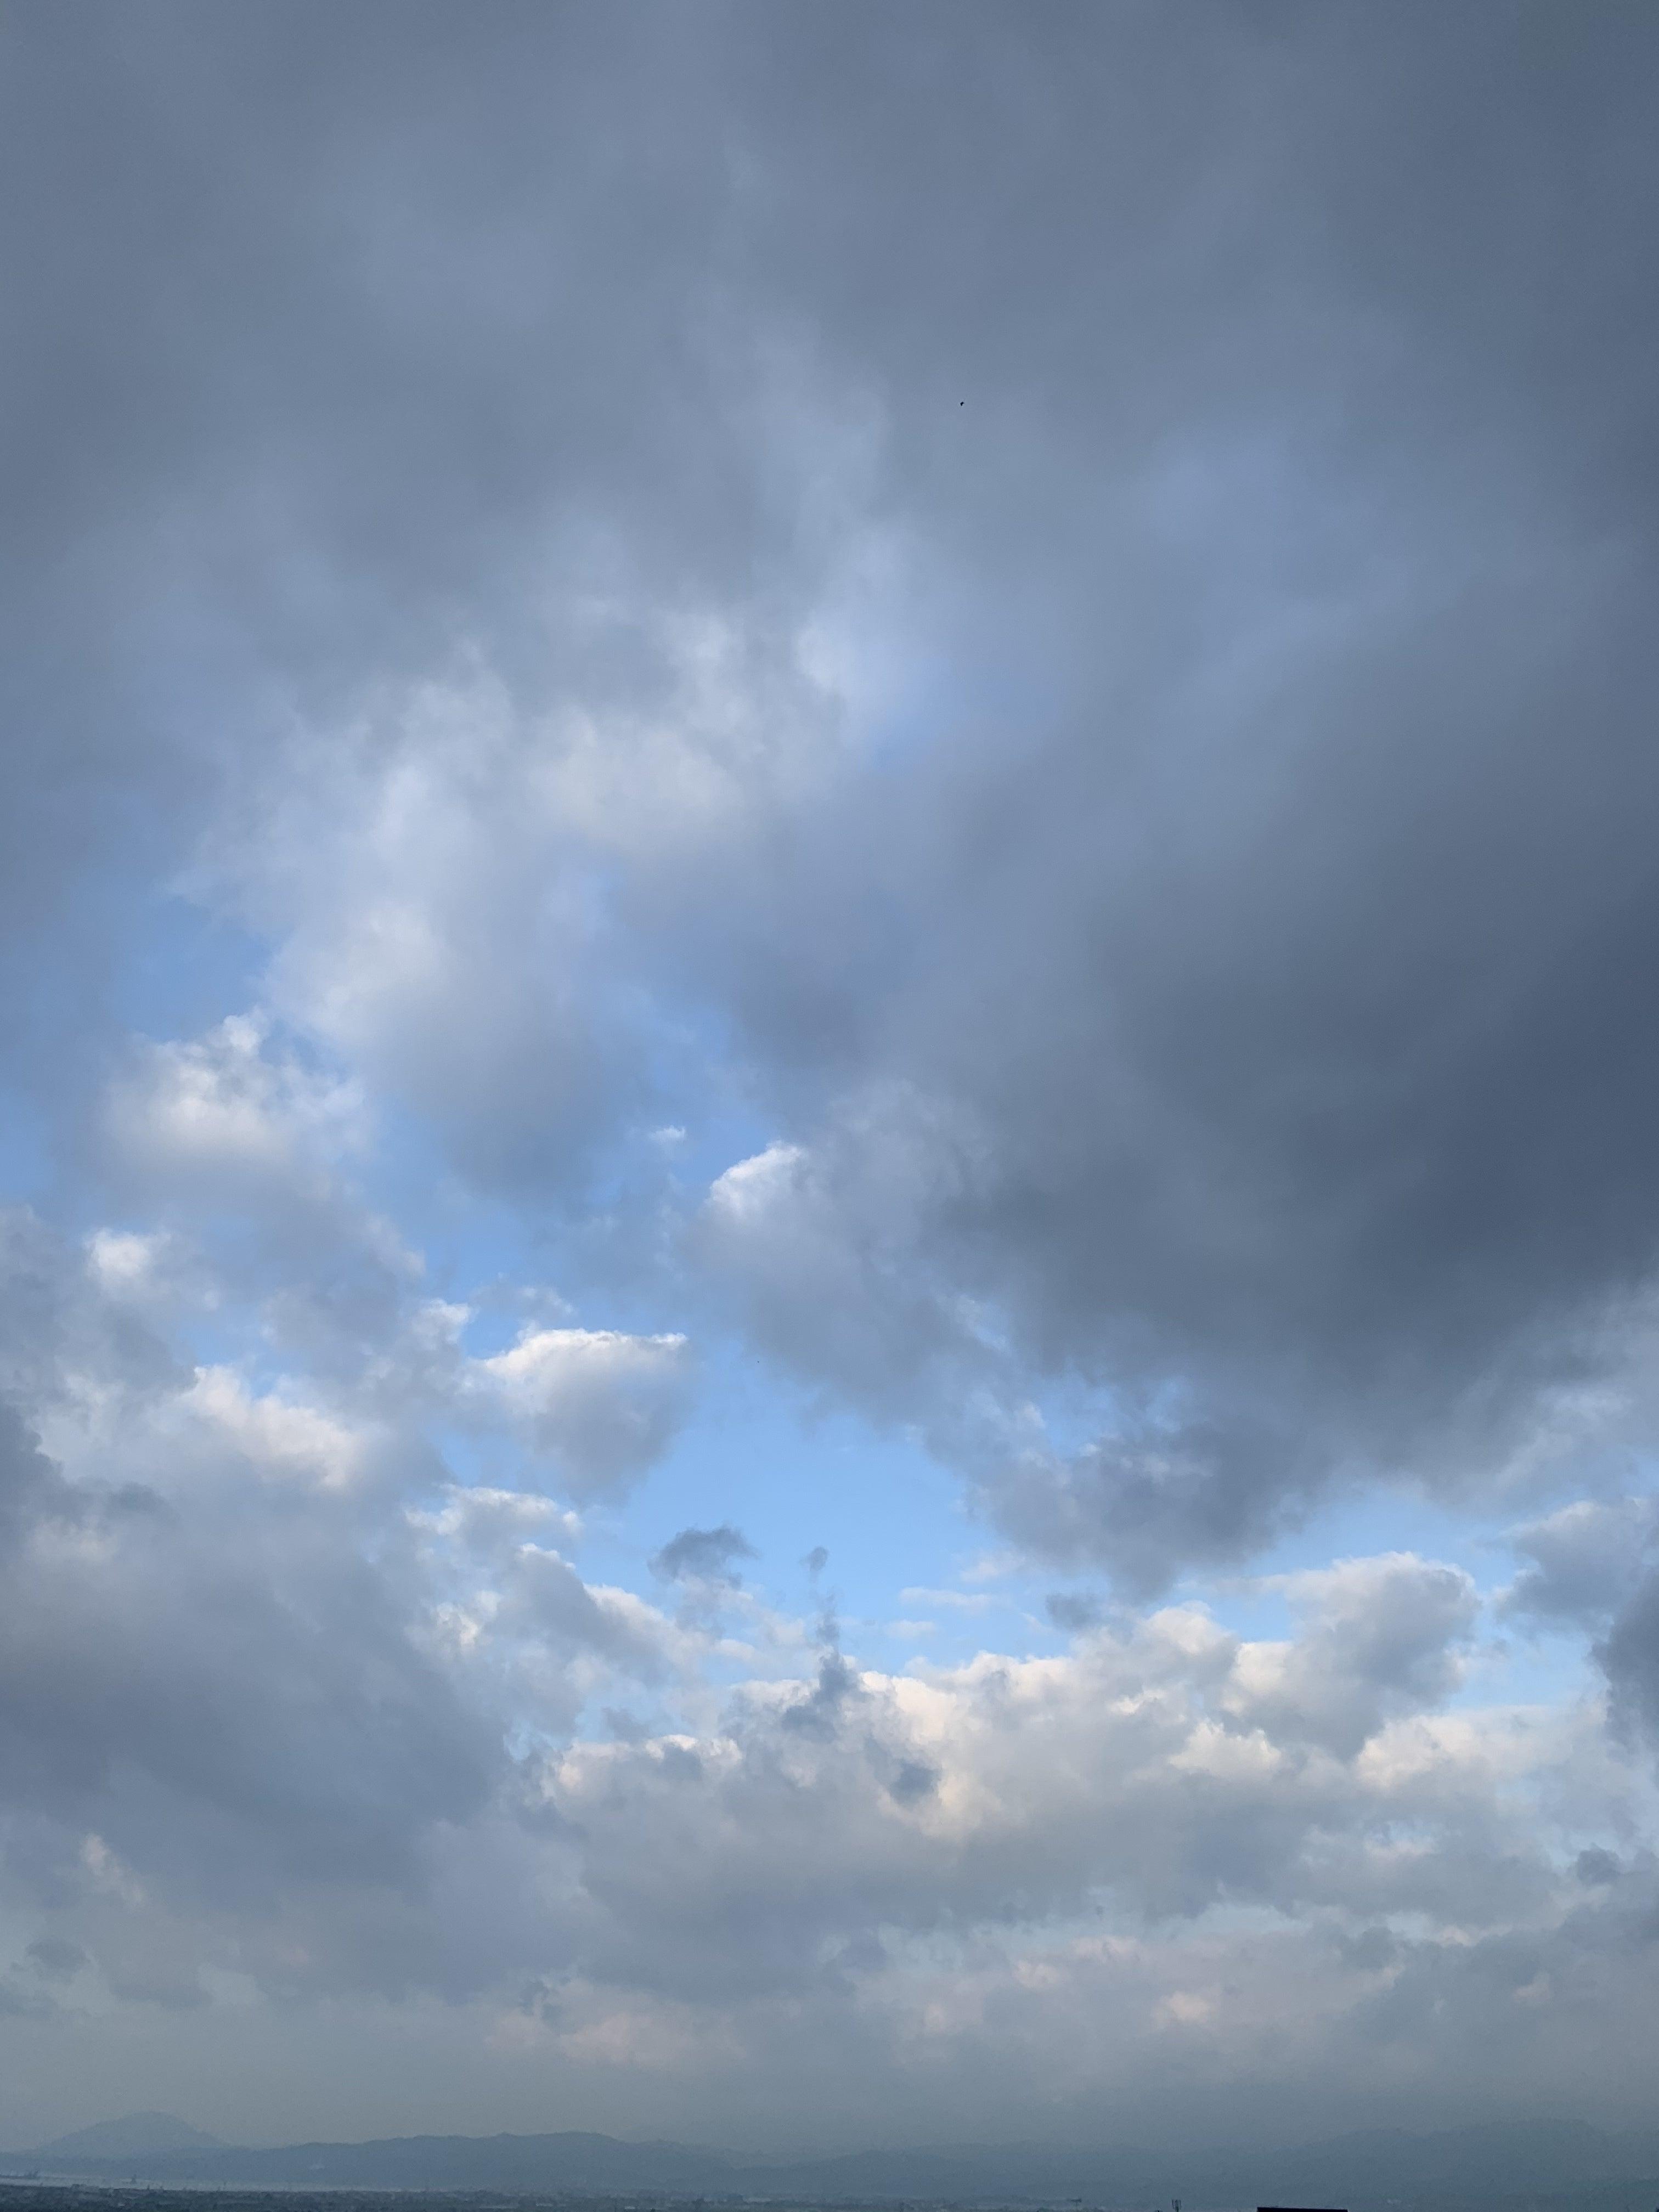 がち 曇り 曇りの日の写真の撮り方とコツ!曇りの方がいい写真が撮れる?ガッカリしちゃだめ!